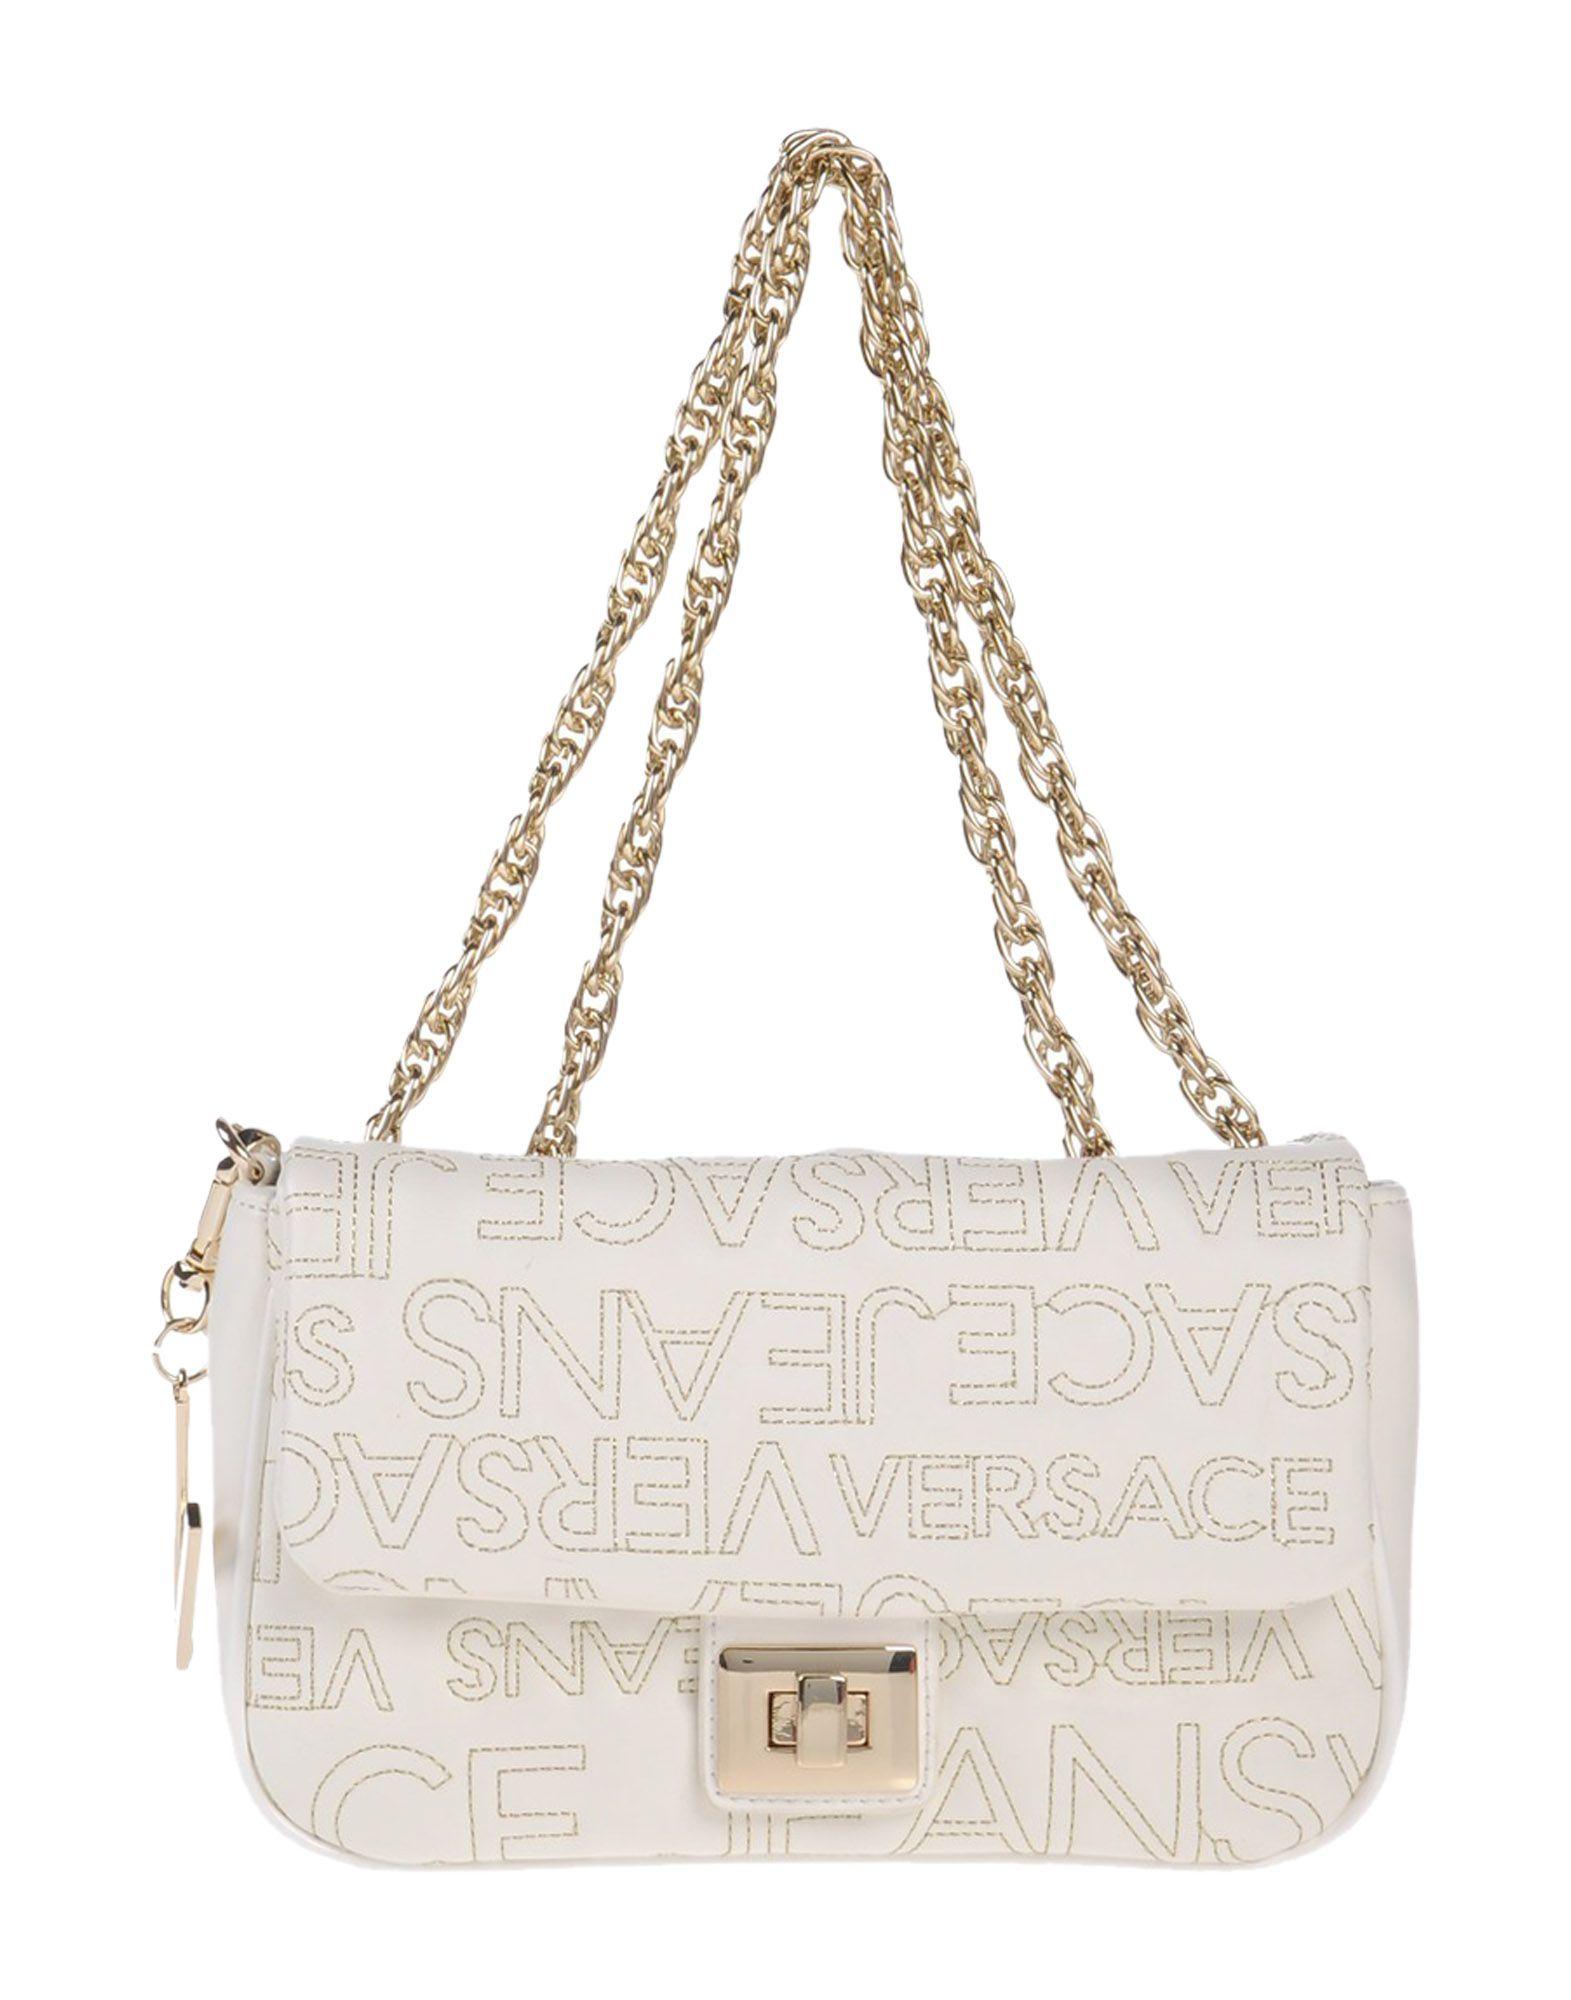 1c7e548d13 Versace Jeans Shoulder Bag - Women Versace Jeans Shoulder Bags ...